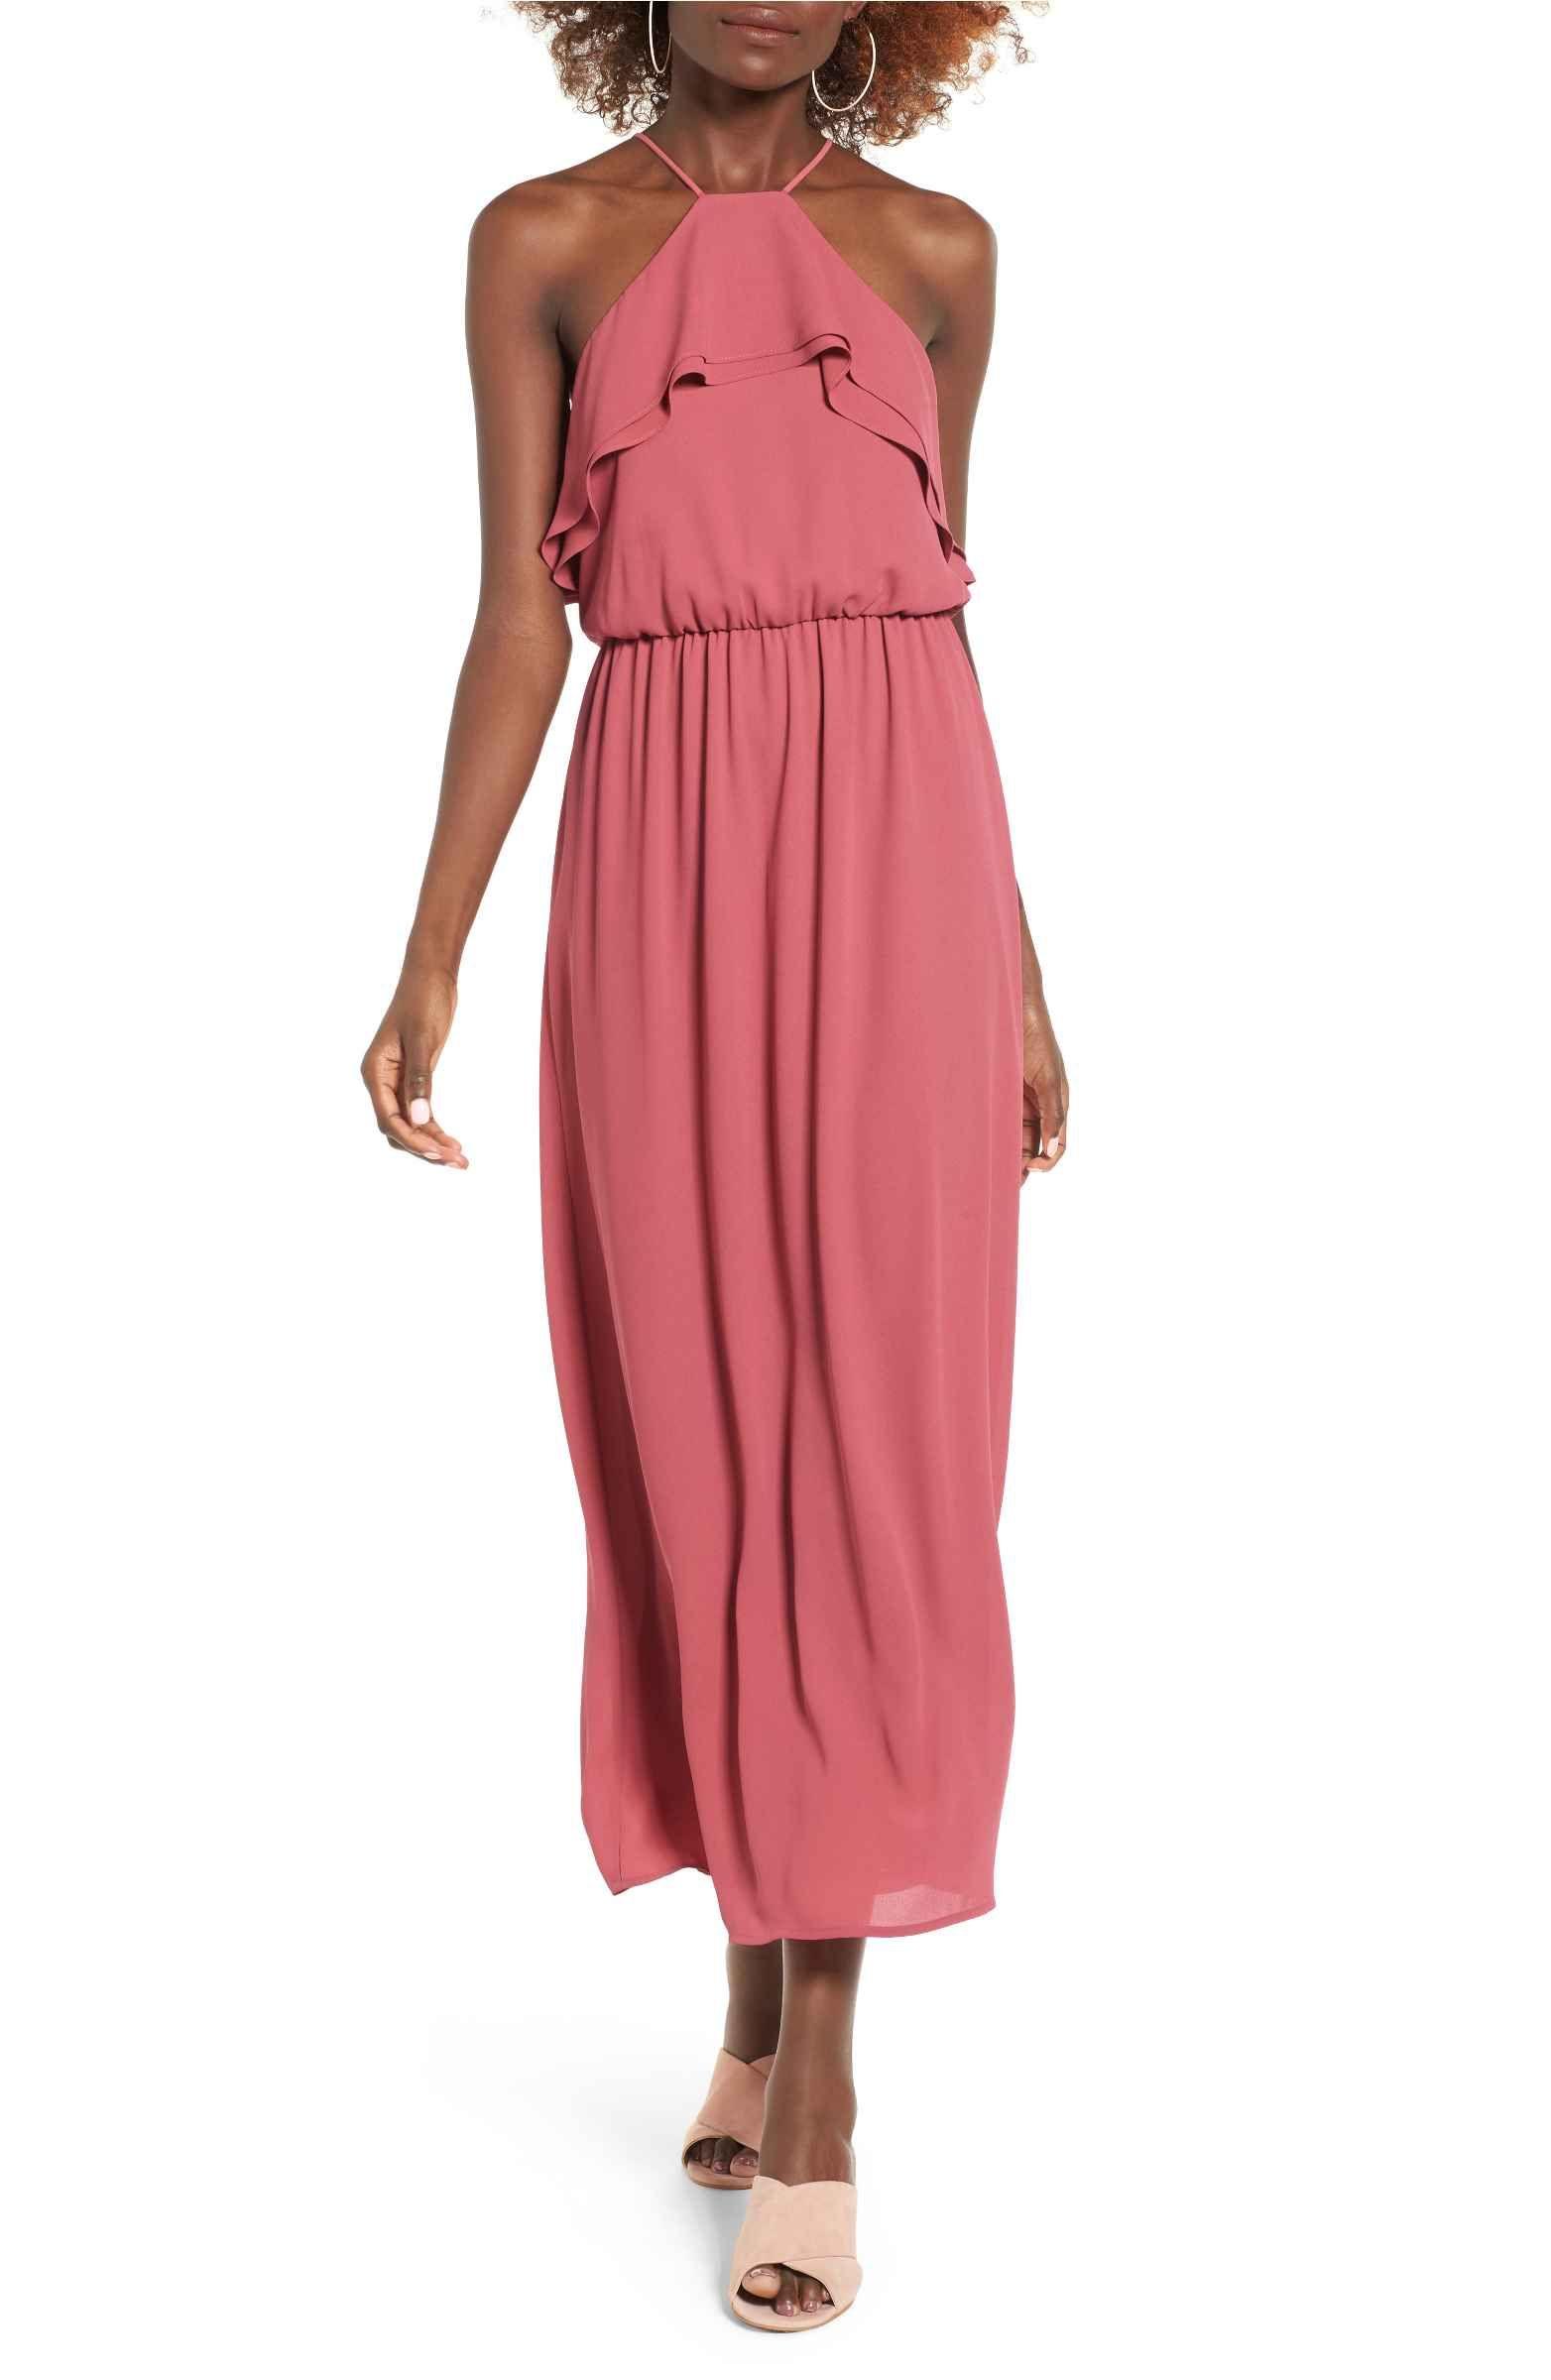 Main Image - Lush Ruffle Maxi Dress | Dress Up | Pinterest